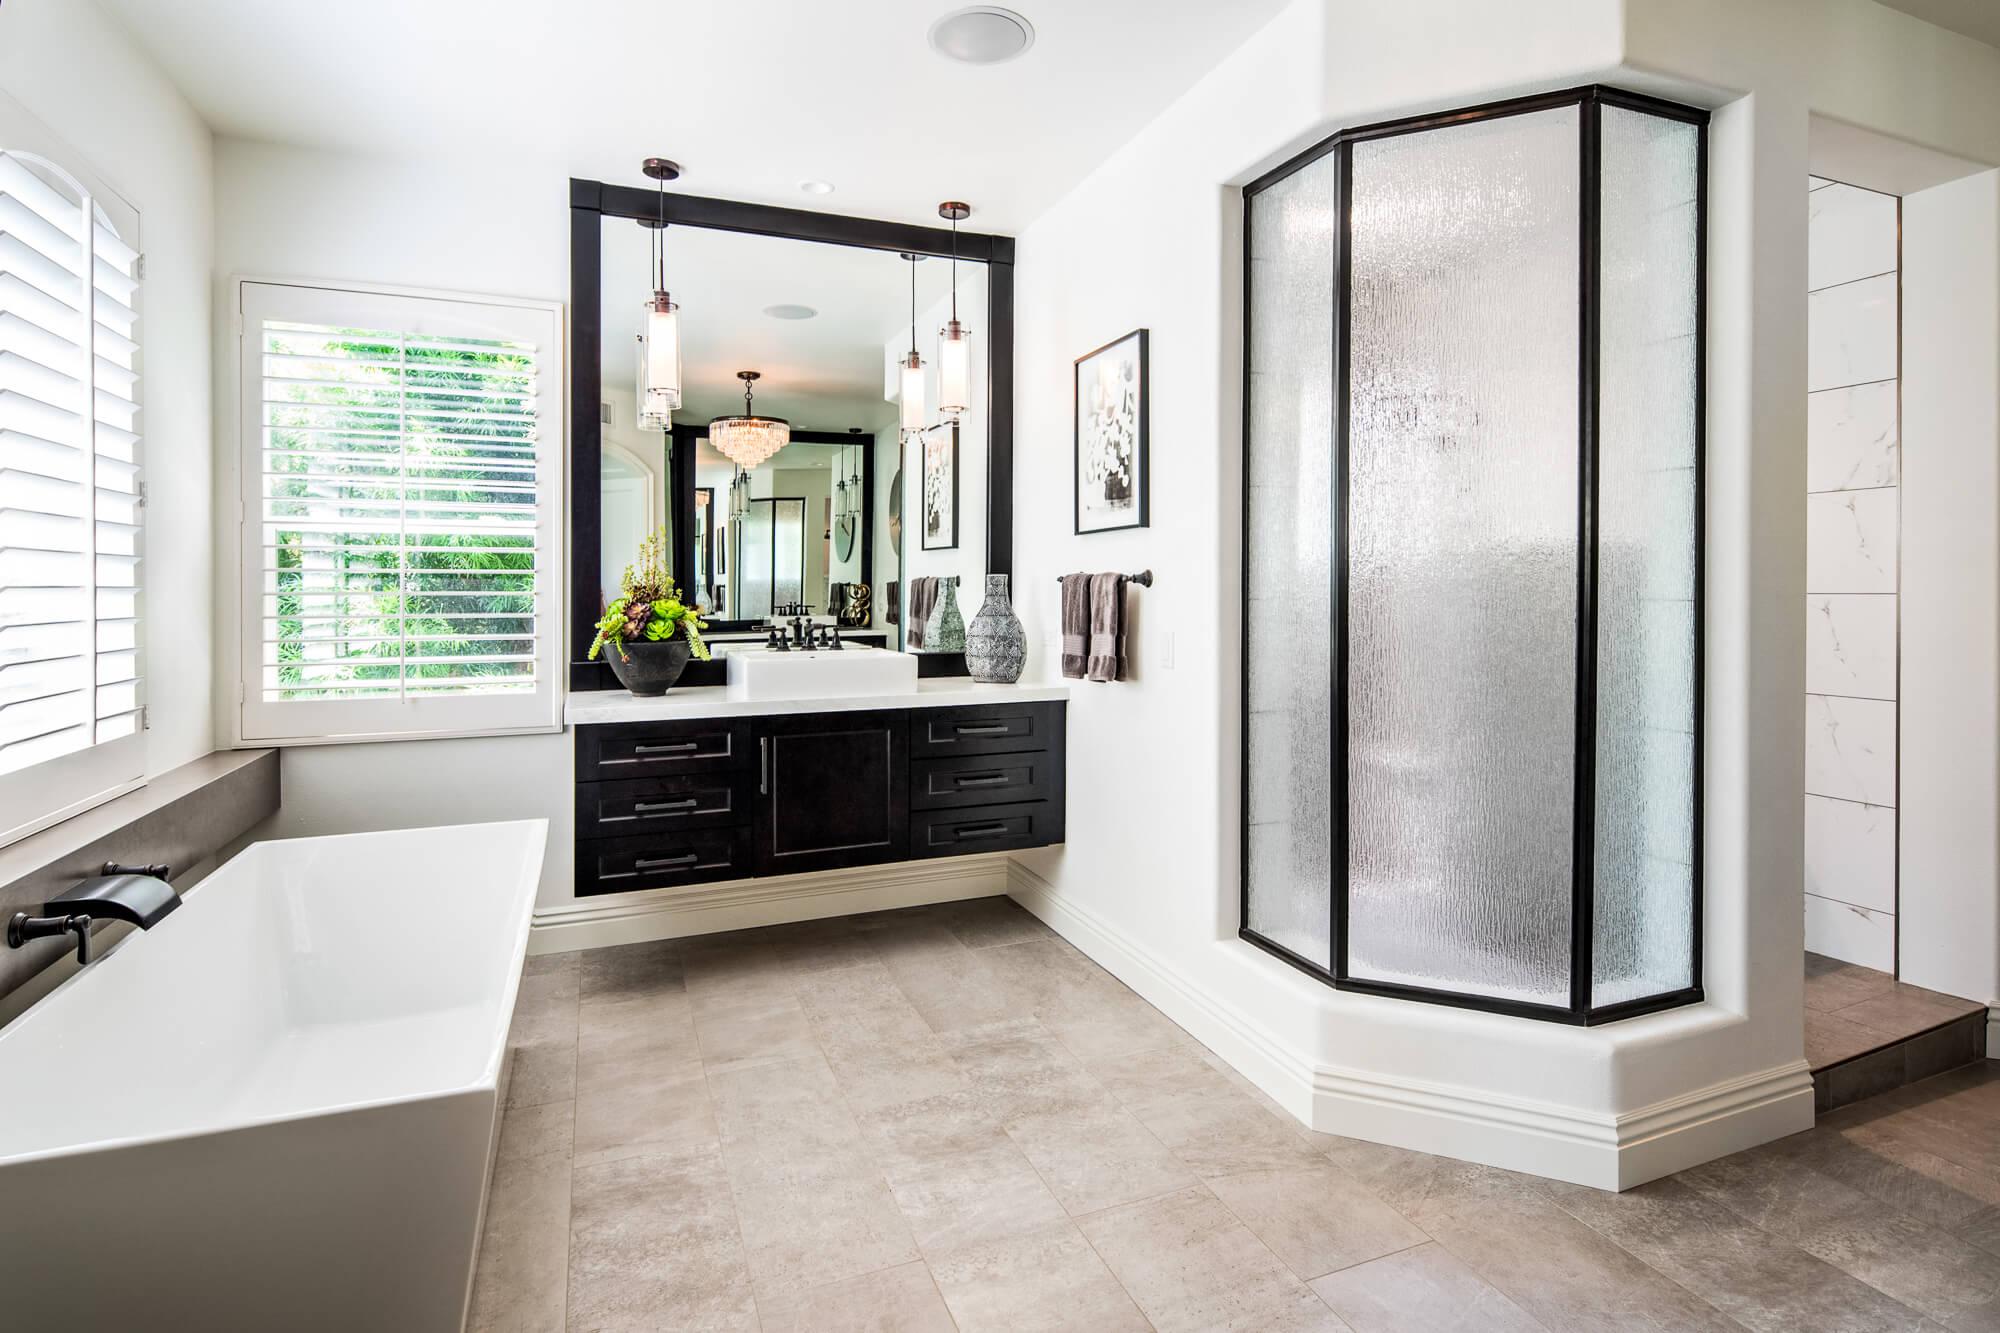 Coto de Caza master bathroom remodel